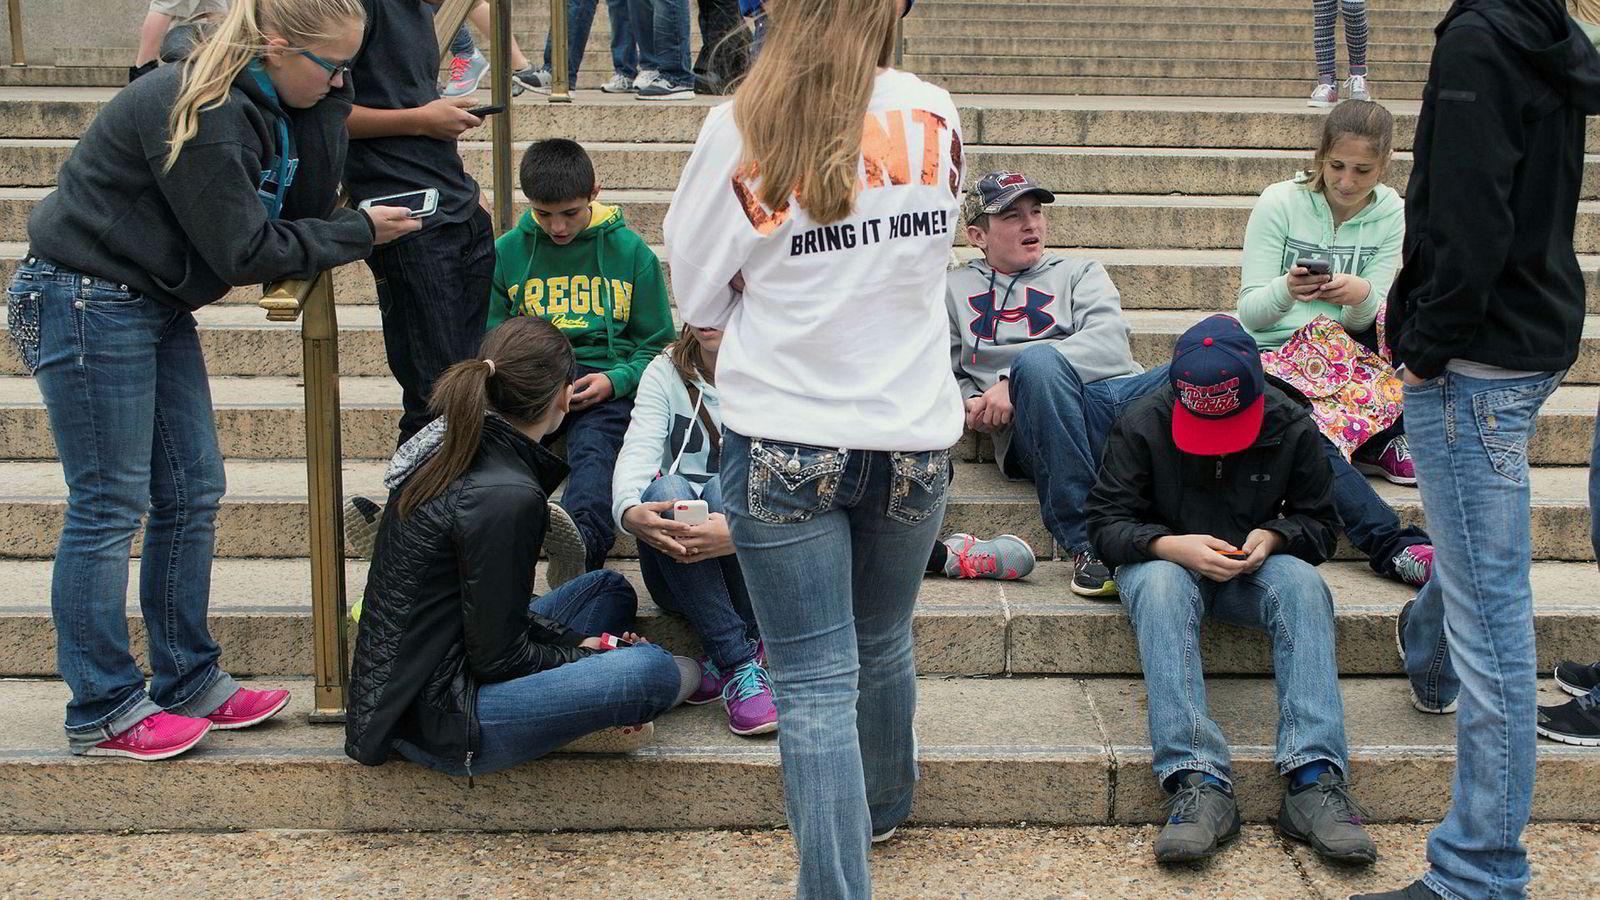 Ungdata-undersøkelsene viser at tenåringer i løpet av det siste ti-året er mindre fysisk sammen med venner, de sitter mer alene hjemme og stadig flere gutter og jenter oppgir å ha følt på ensomhet.